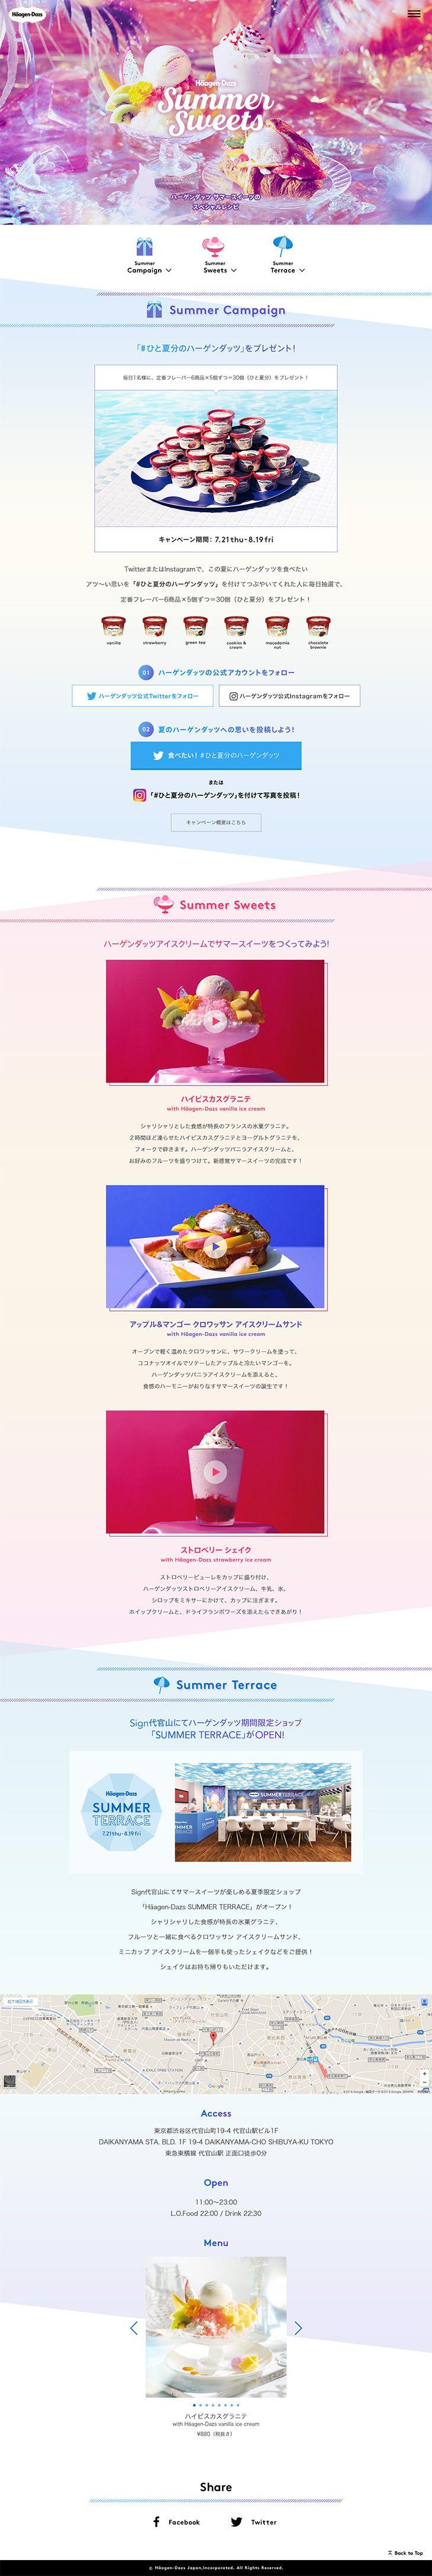 557 best web design food images on pinterest | design websites